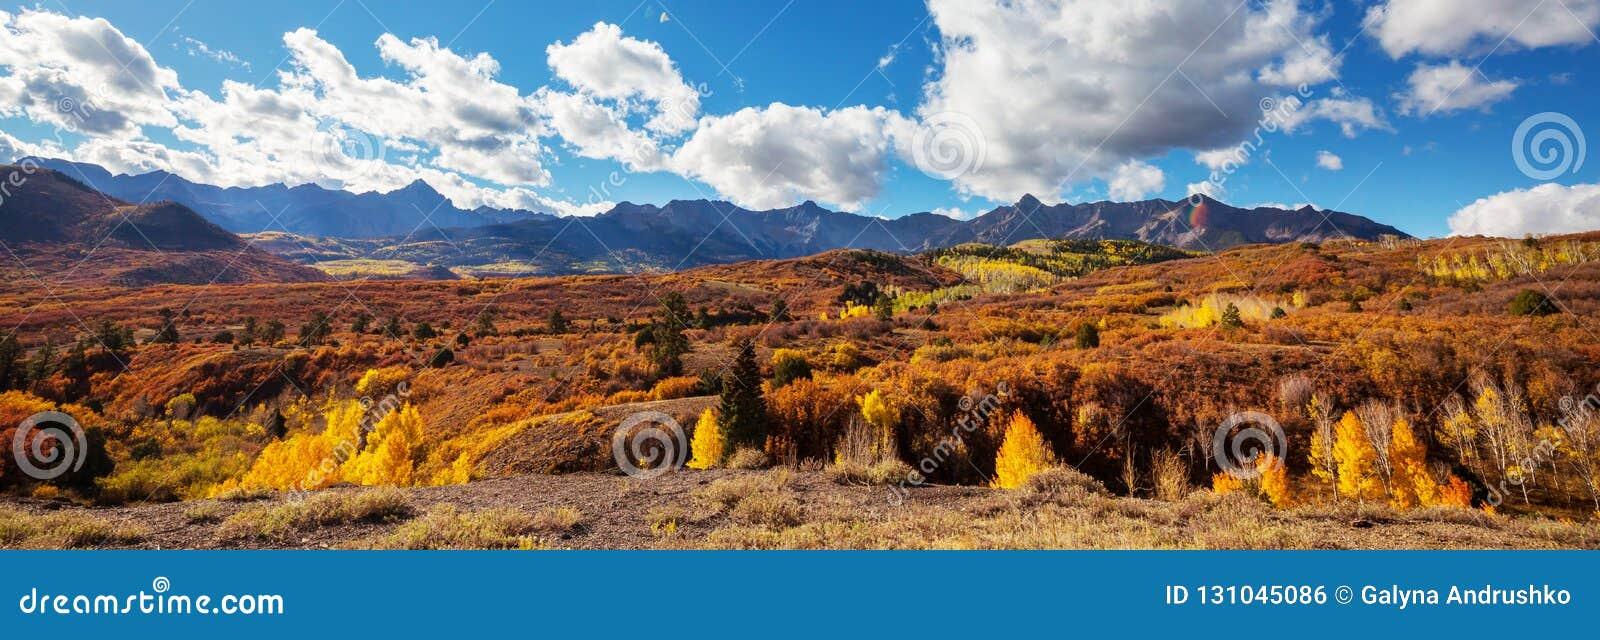 Herbst in Kolorado